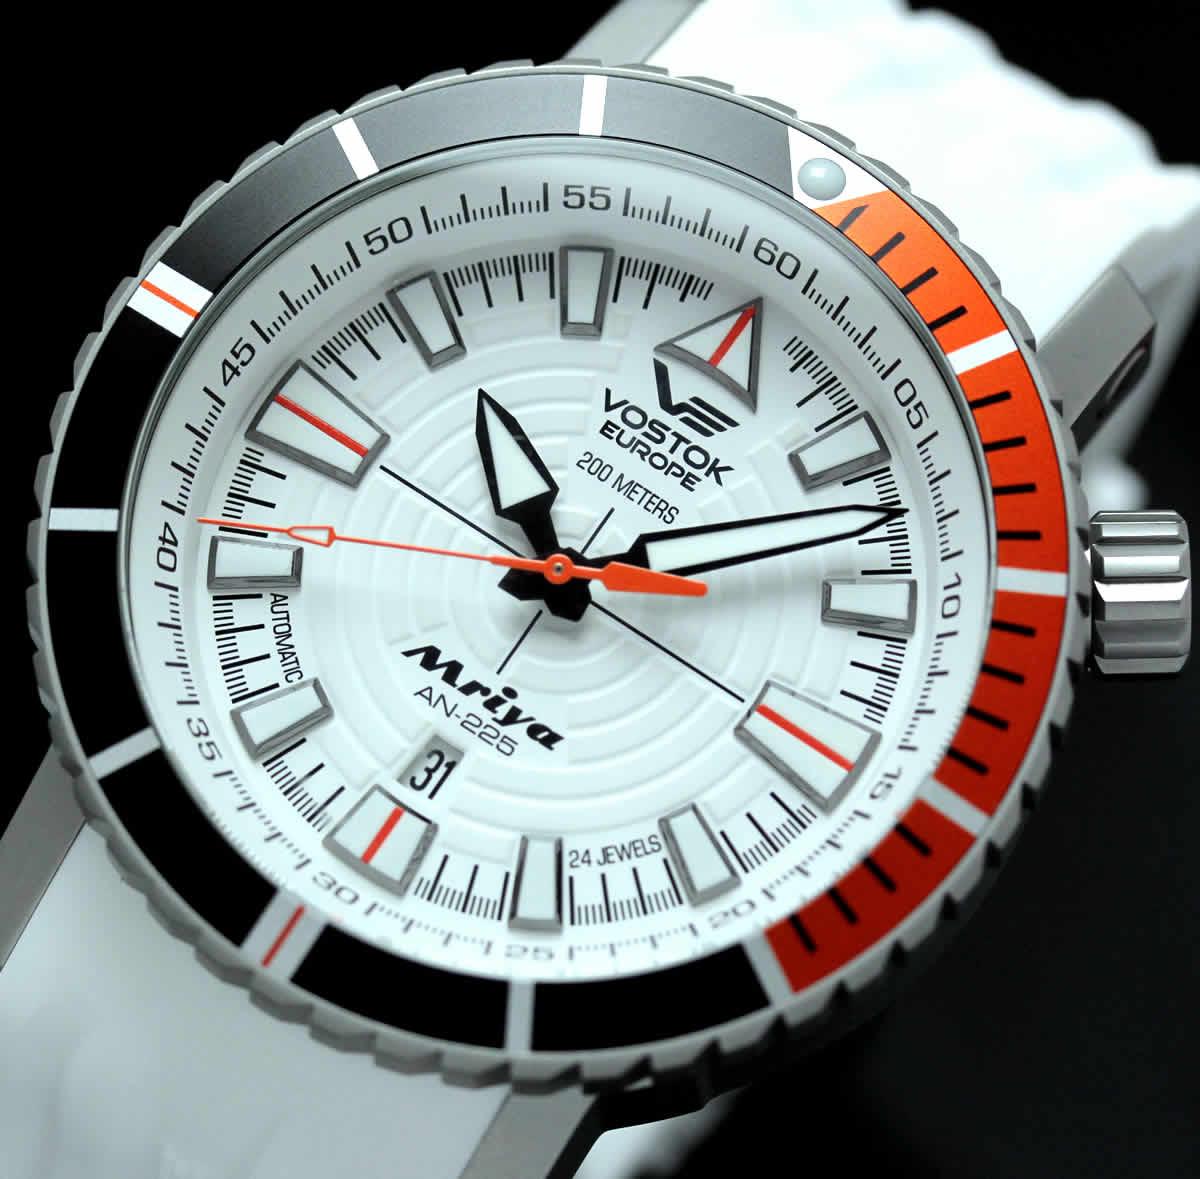 ボストーク・ヨーロッパ腕時計